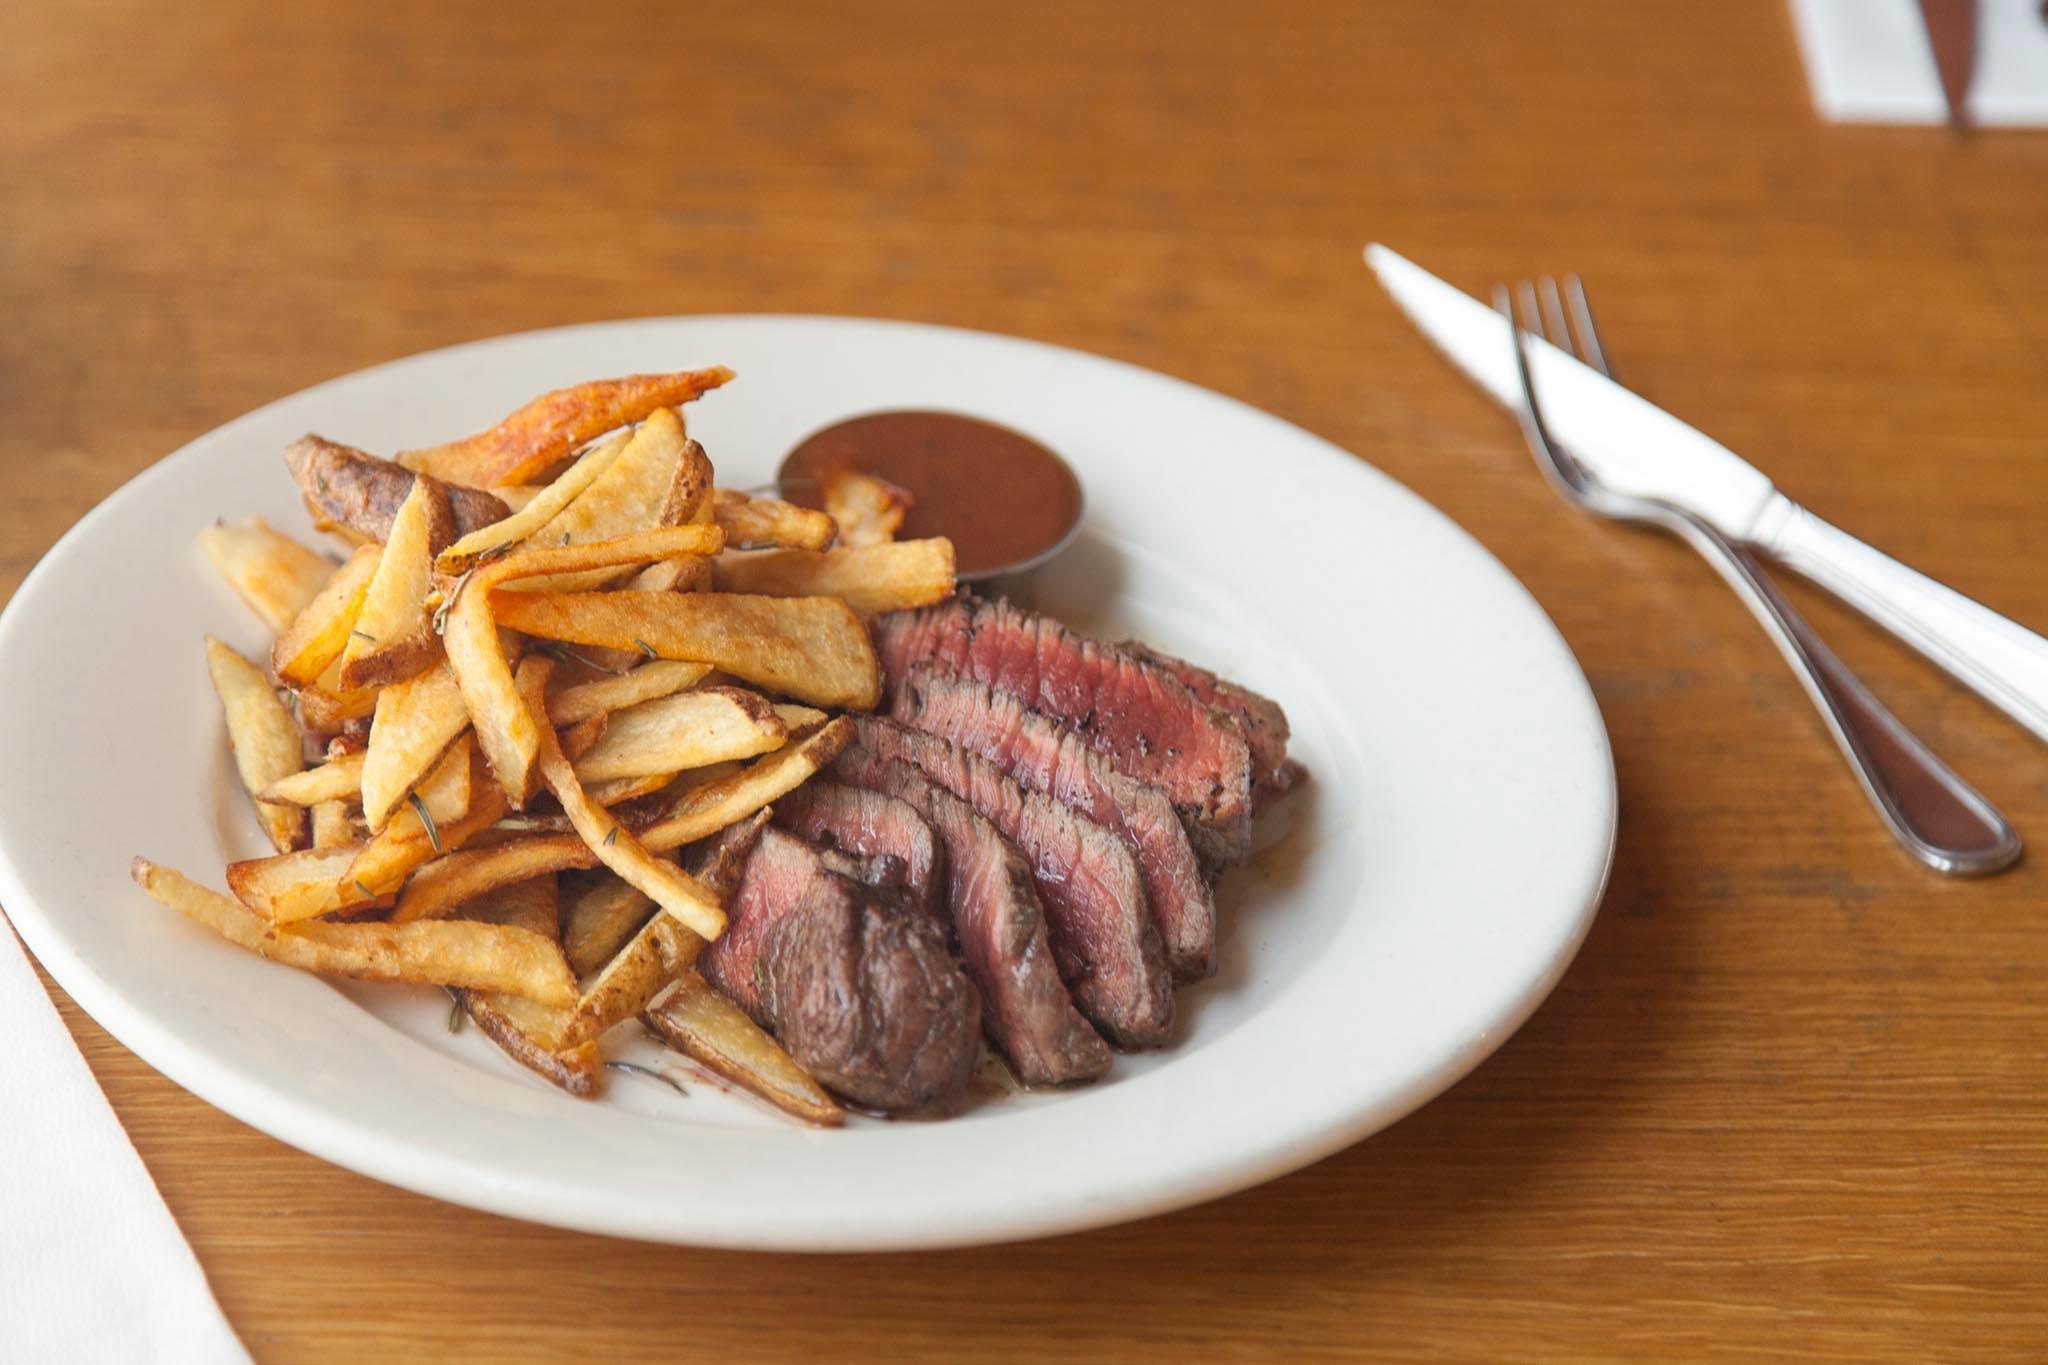 Steak Frites at Salt's Cure